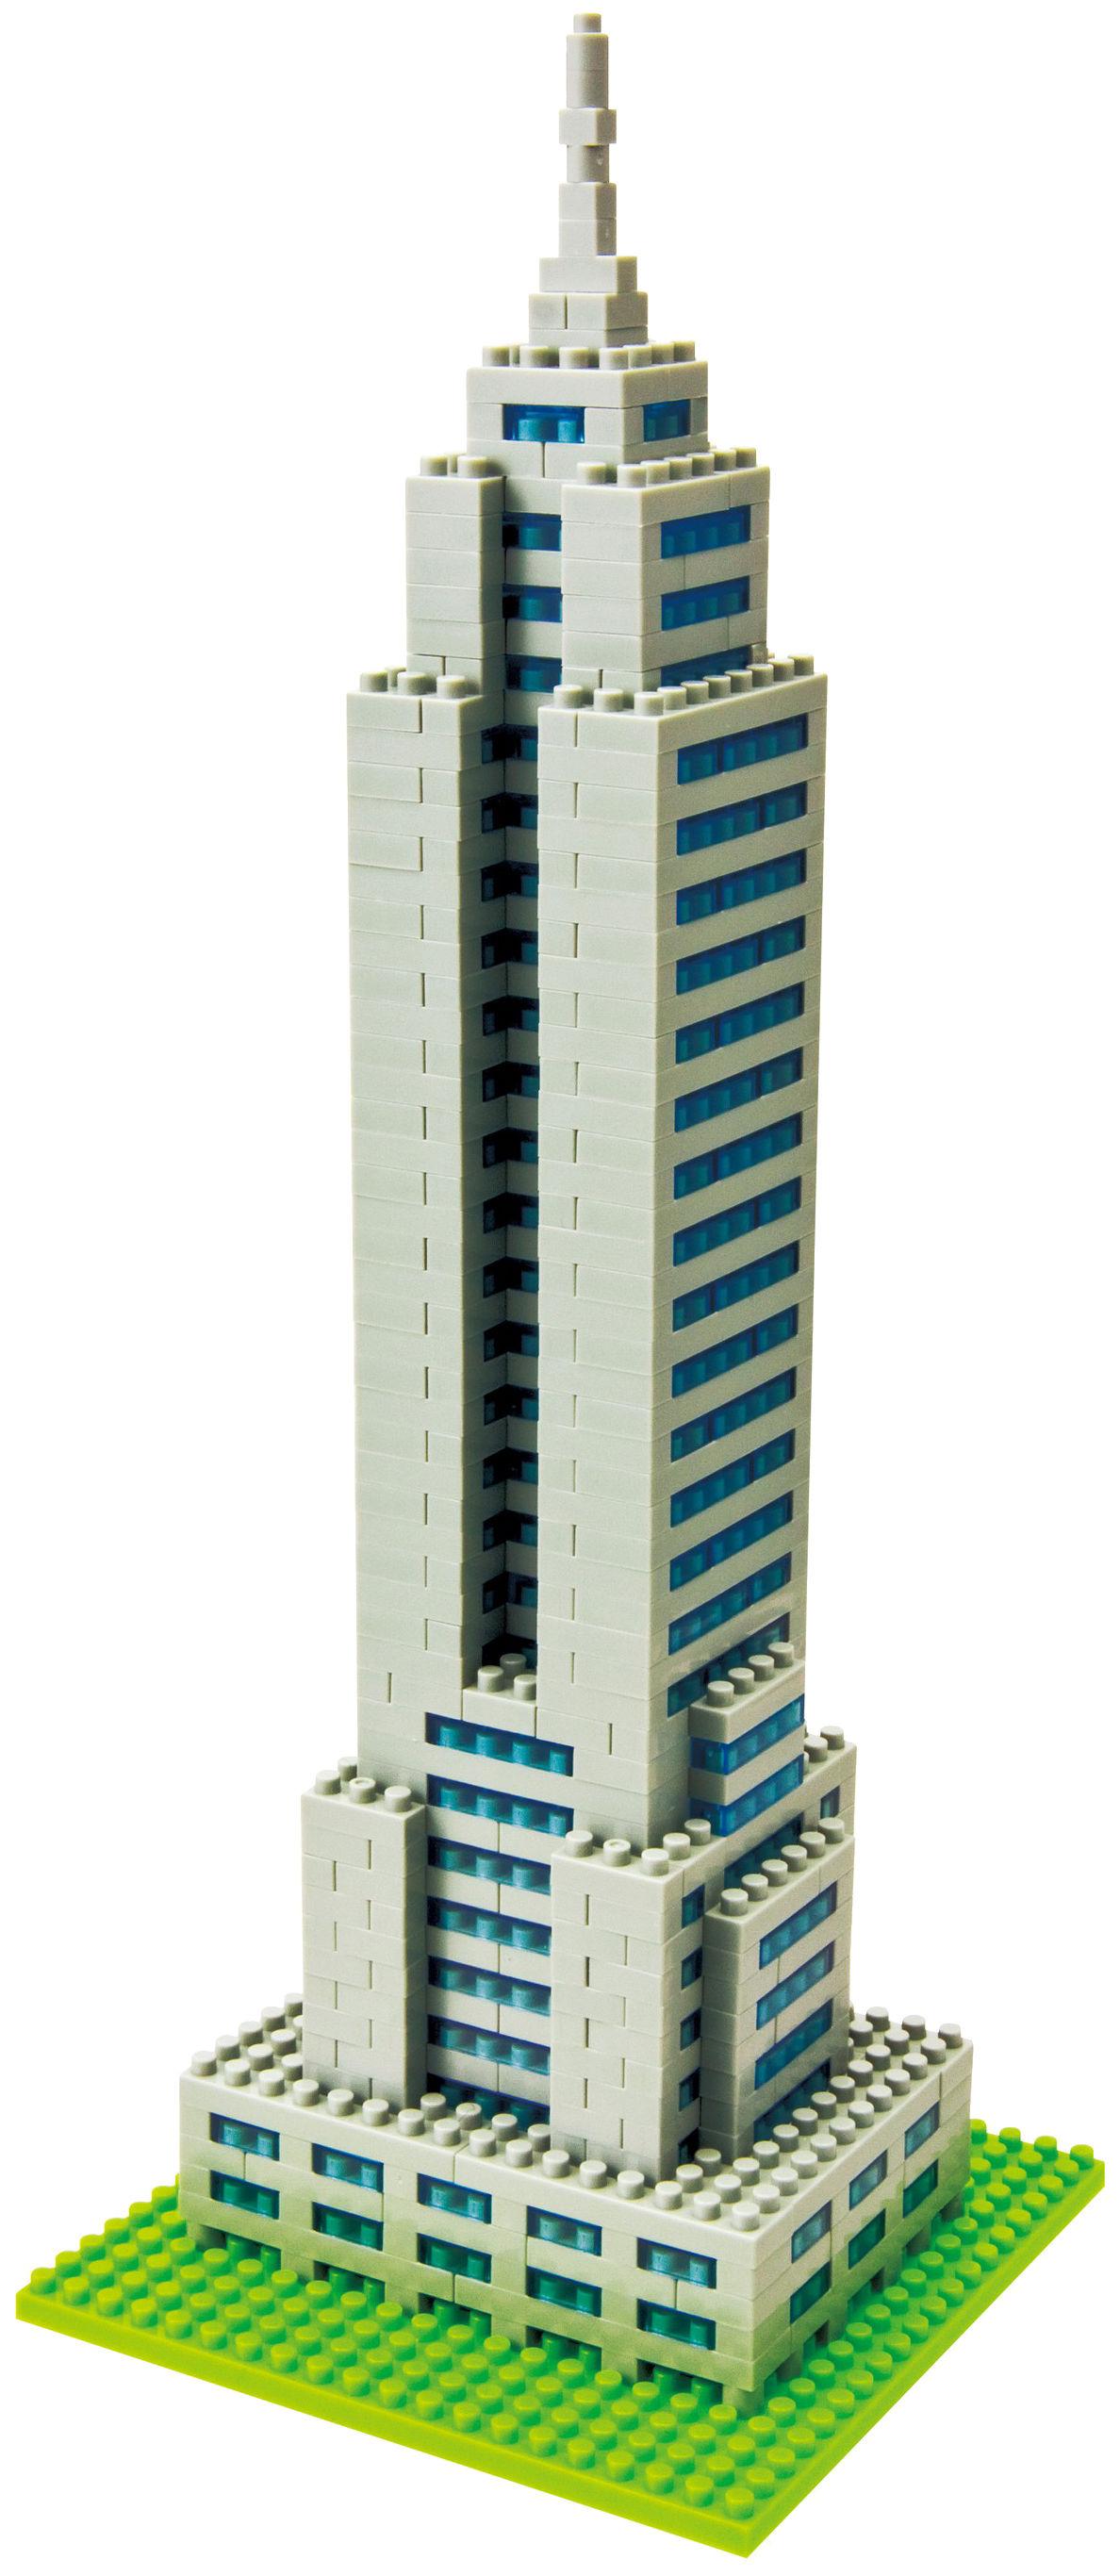 Déco - Pour les enfants - Jeu de construction Nanoblock Monuments / Empire State Building - Mark's - Empire State Building - ABS